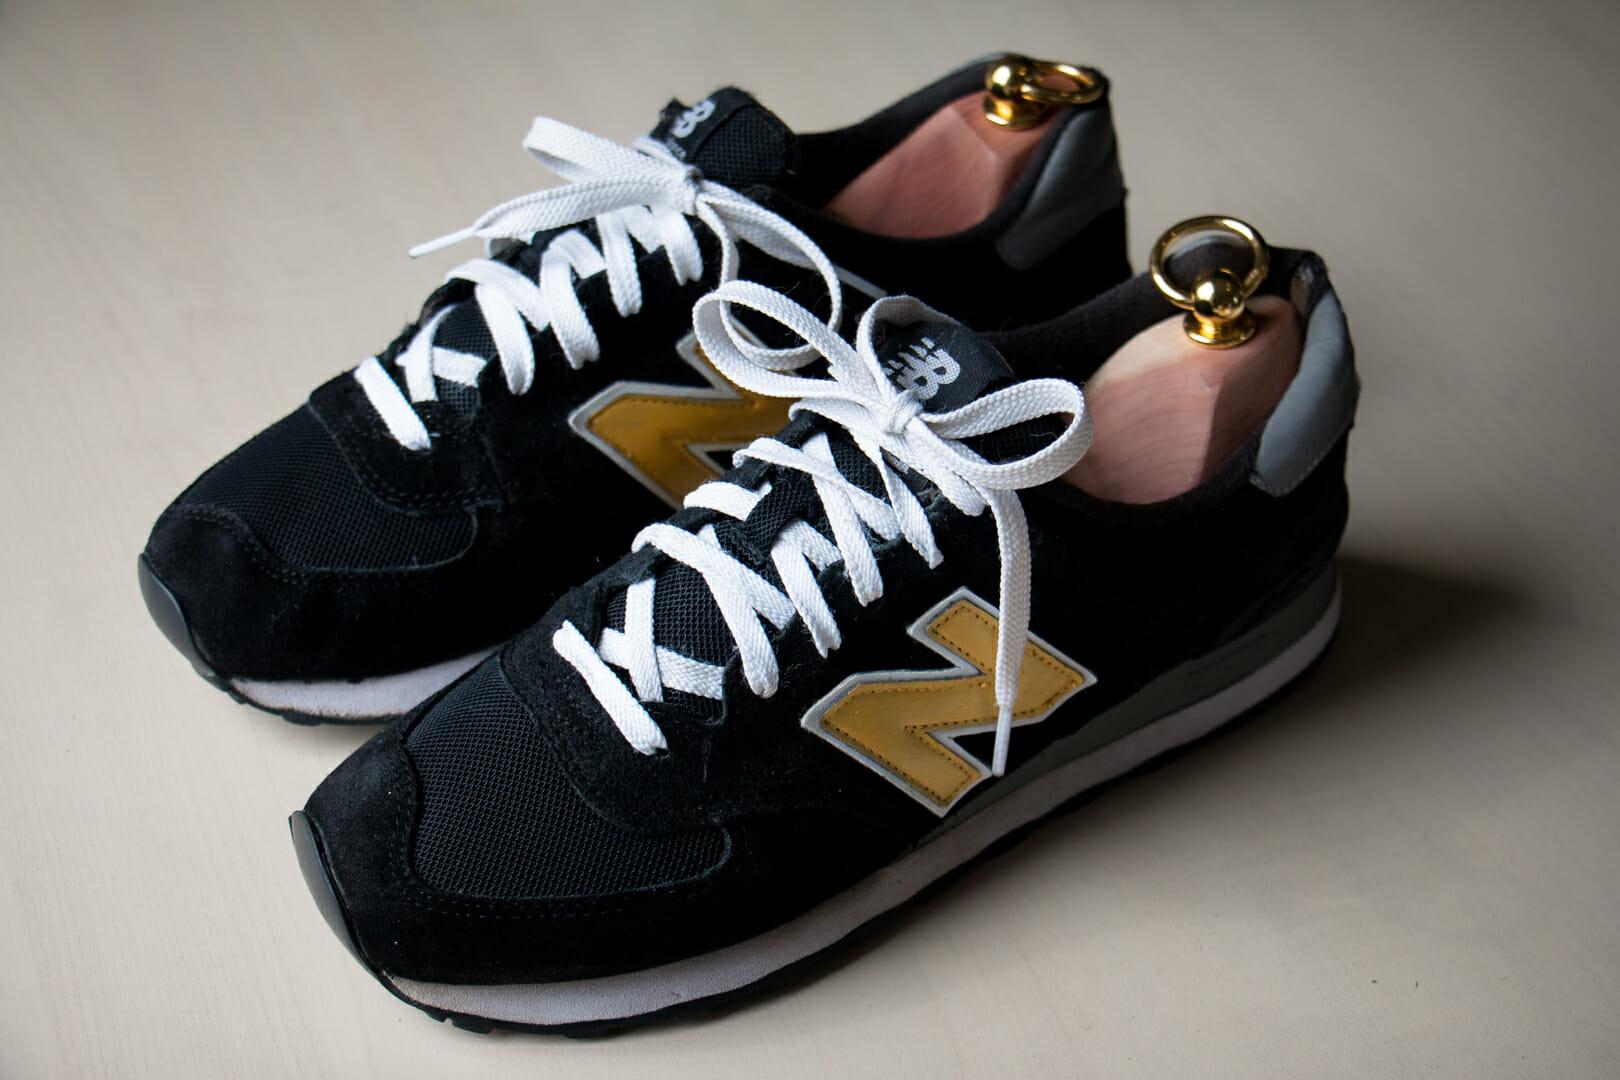 Buty NB po renowacji